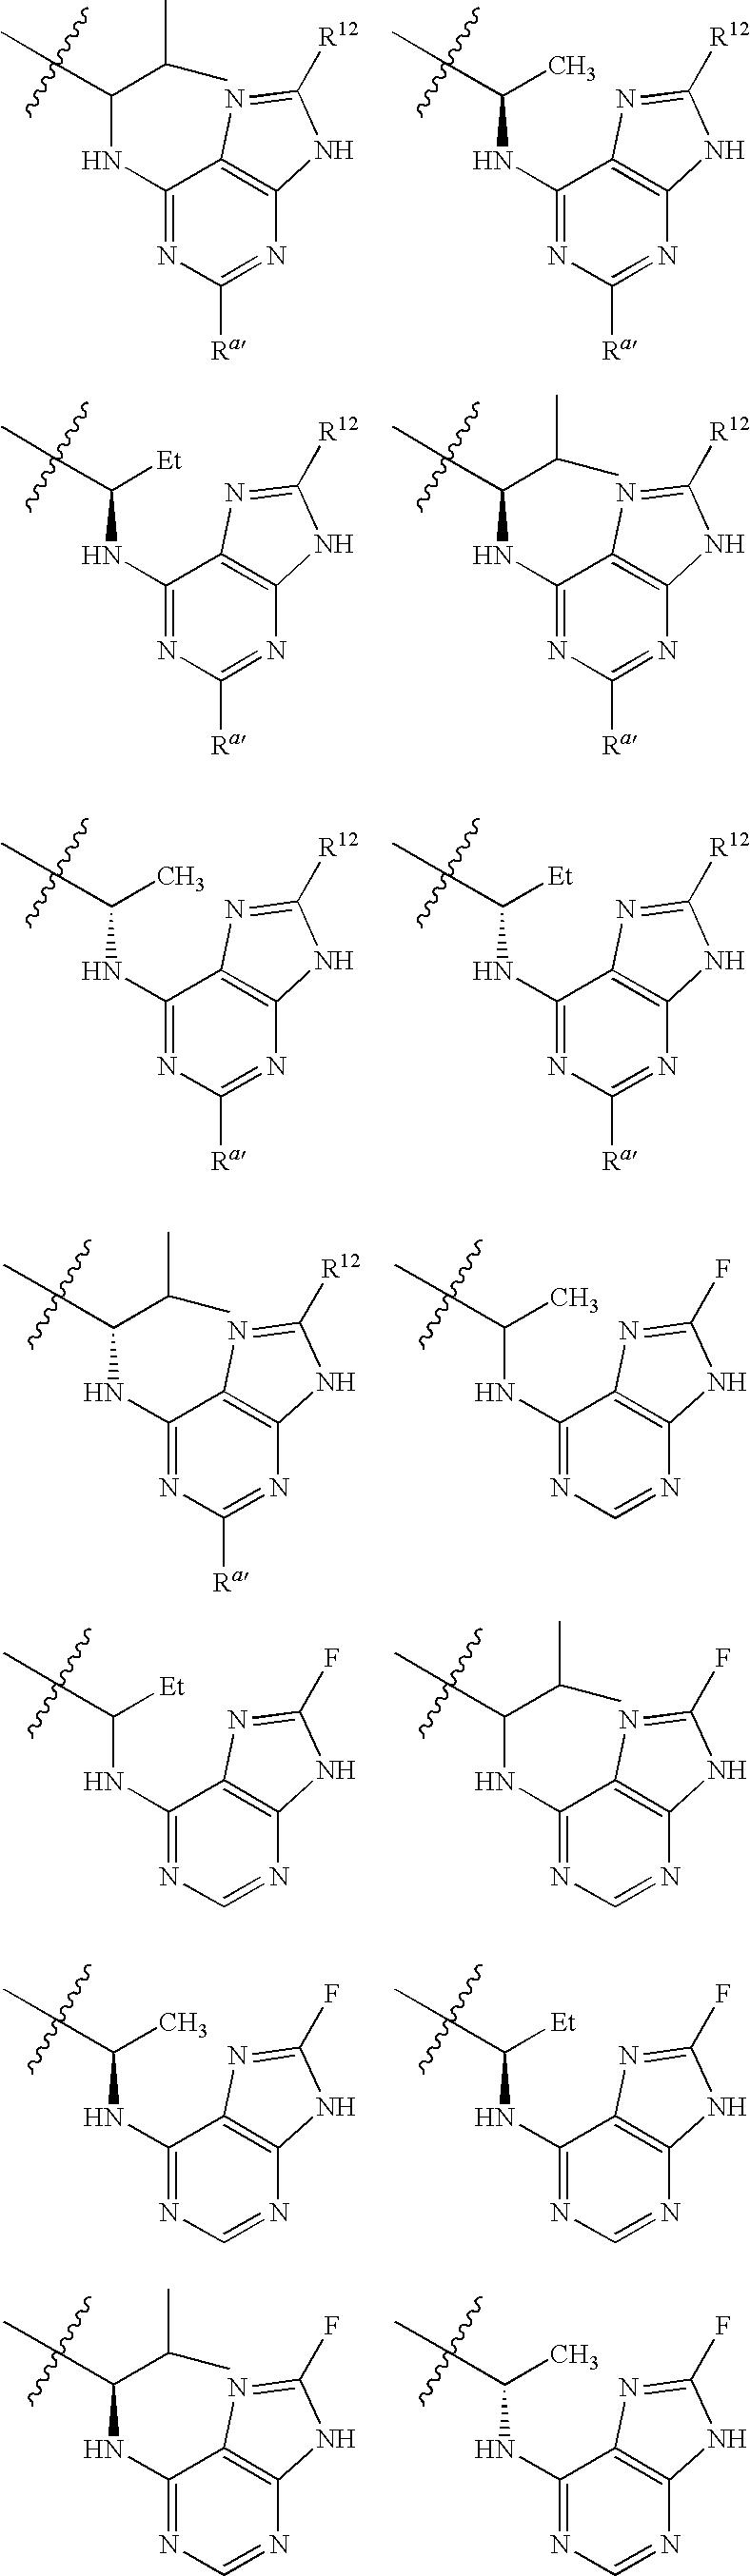 Figure US08193182-20120605-C00040